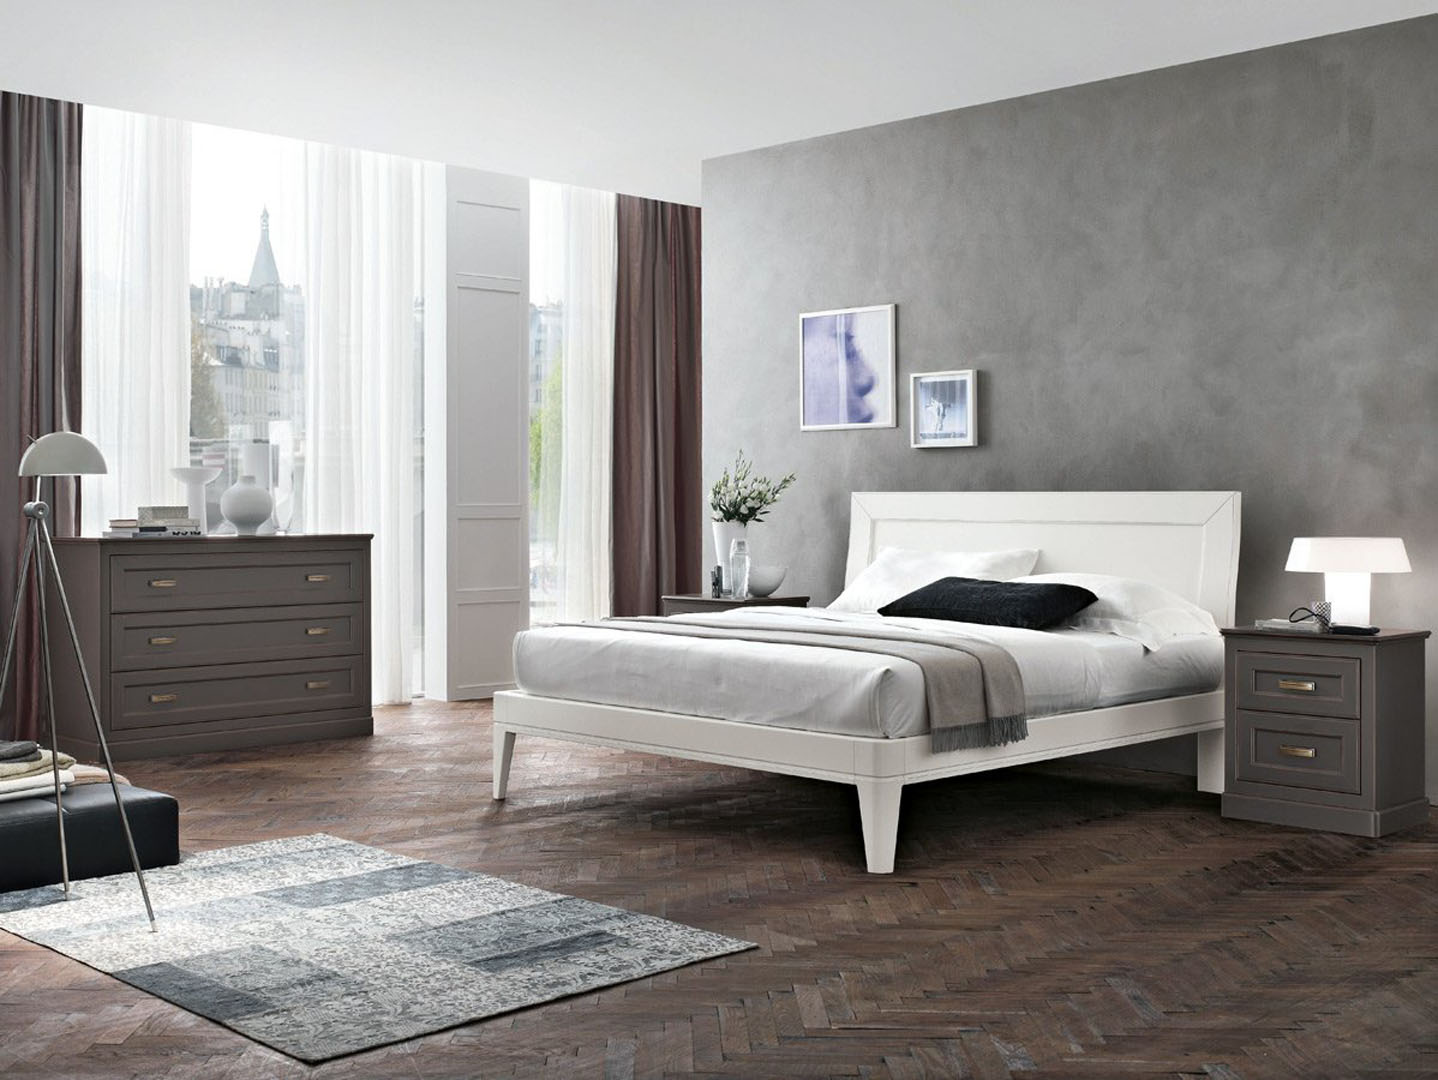 Camere sirigu mobili for Offerte mobili camera da letto